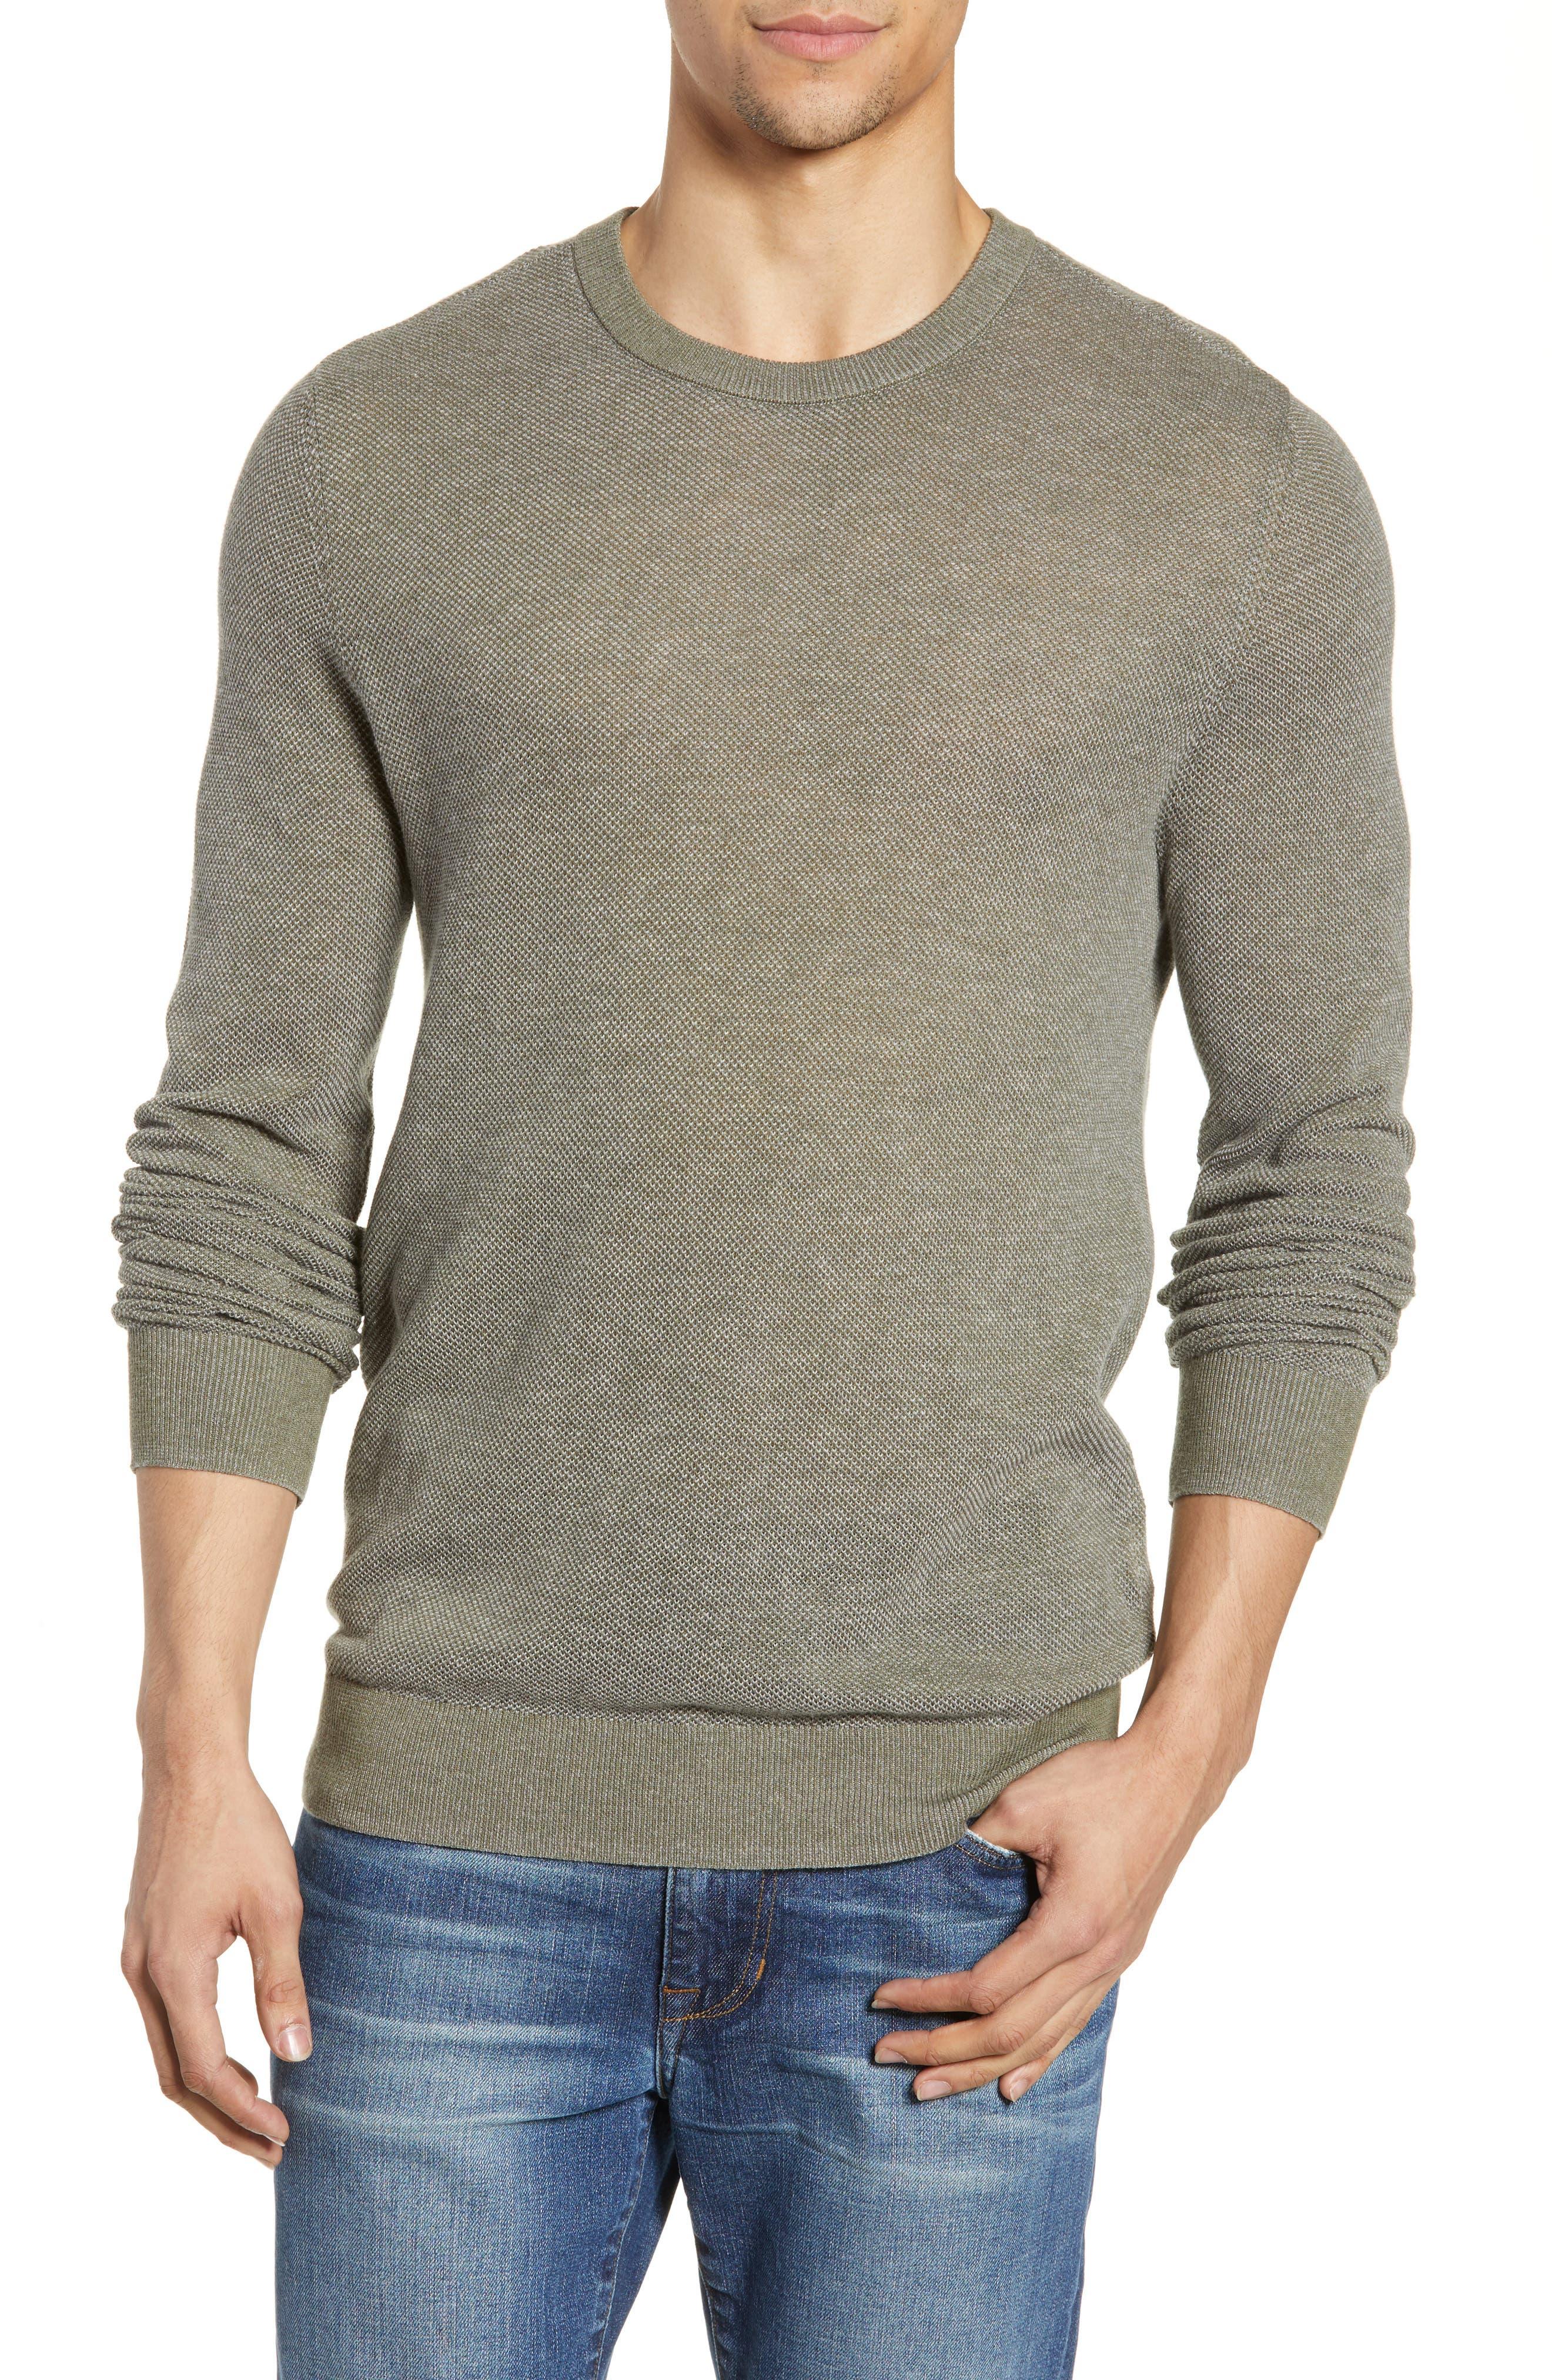 Life/after/denim Knox Regular Fit Crewneck Sweater, Green